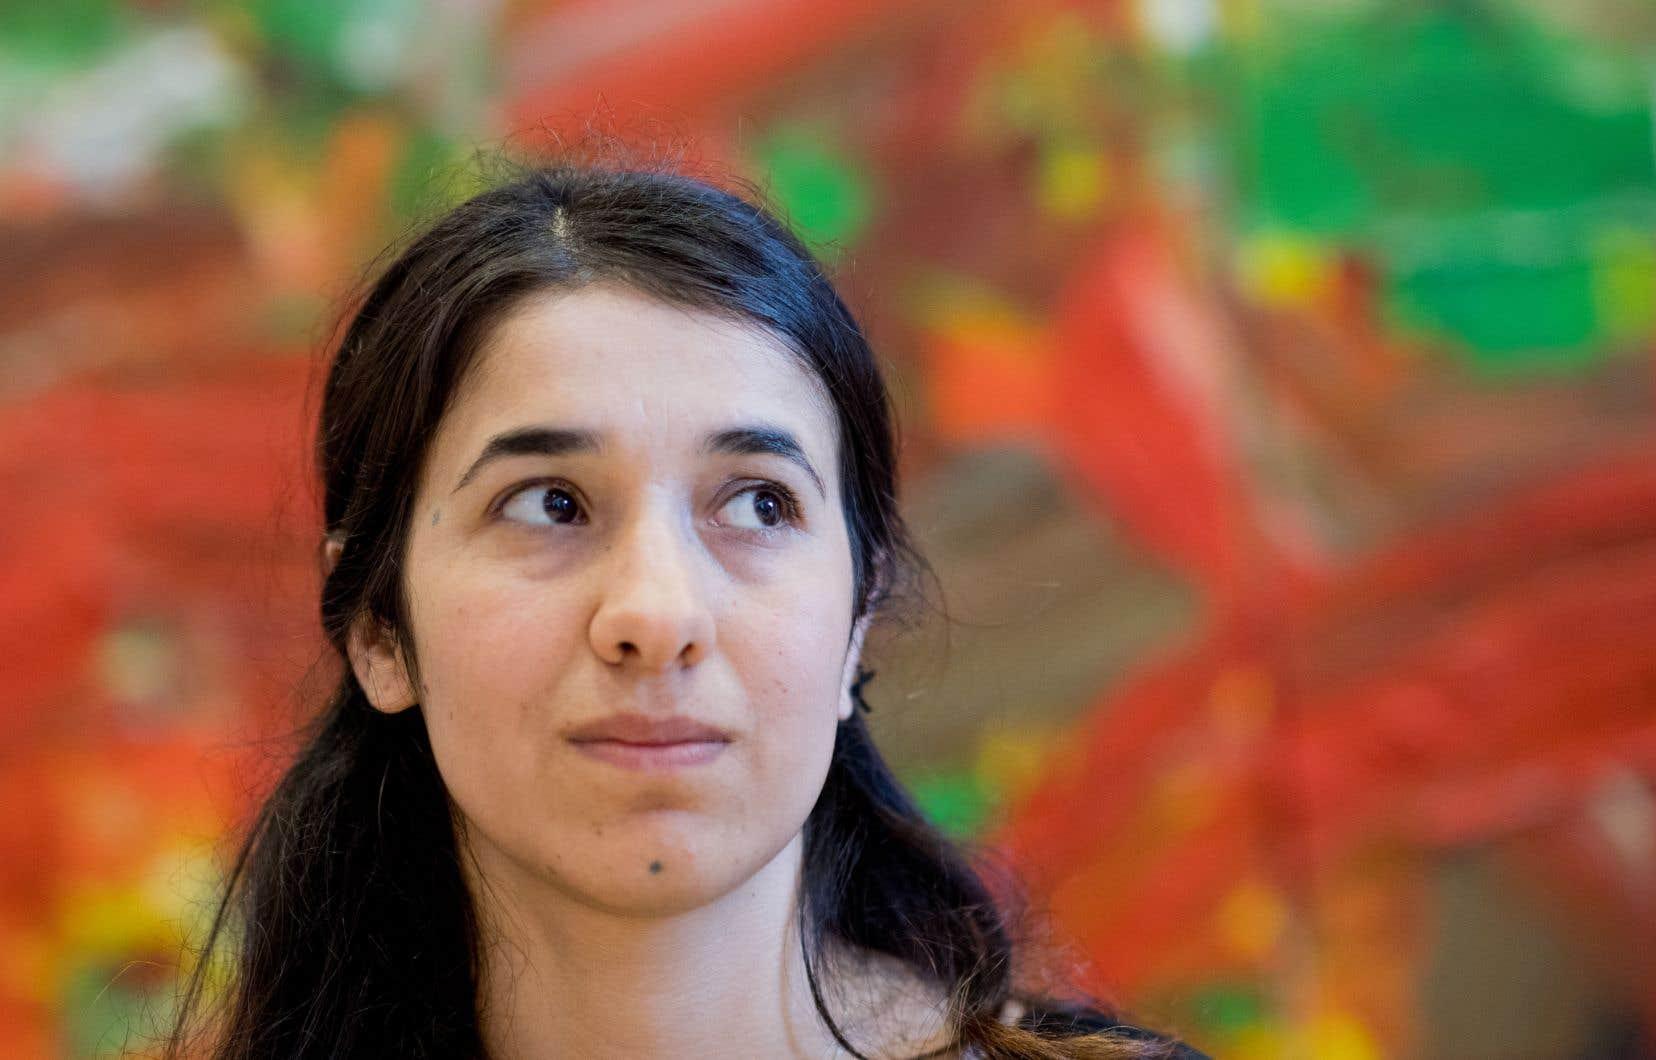 La militante yazidie Nadia Murad a déploré mardi qu'aucune action concrète en appui aux victimes de violences sexuelles ne découle des discours à l'ONU.